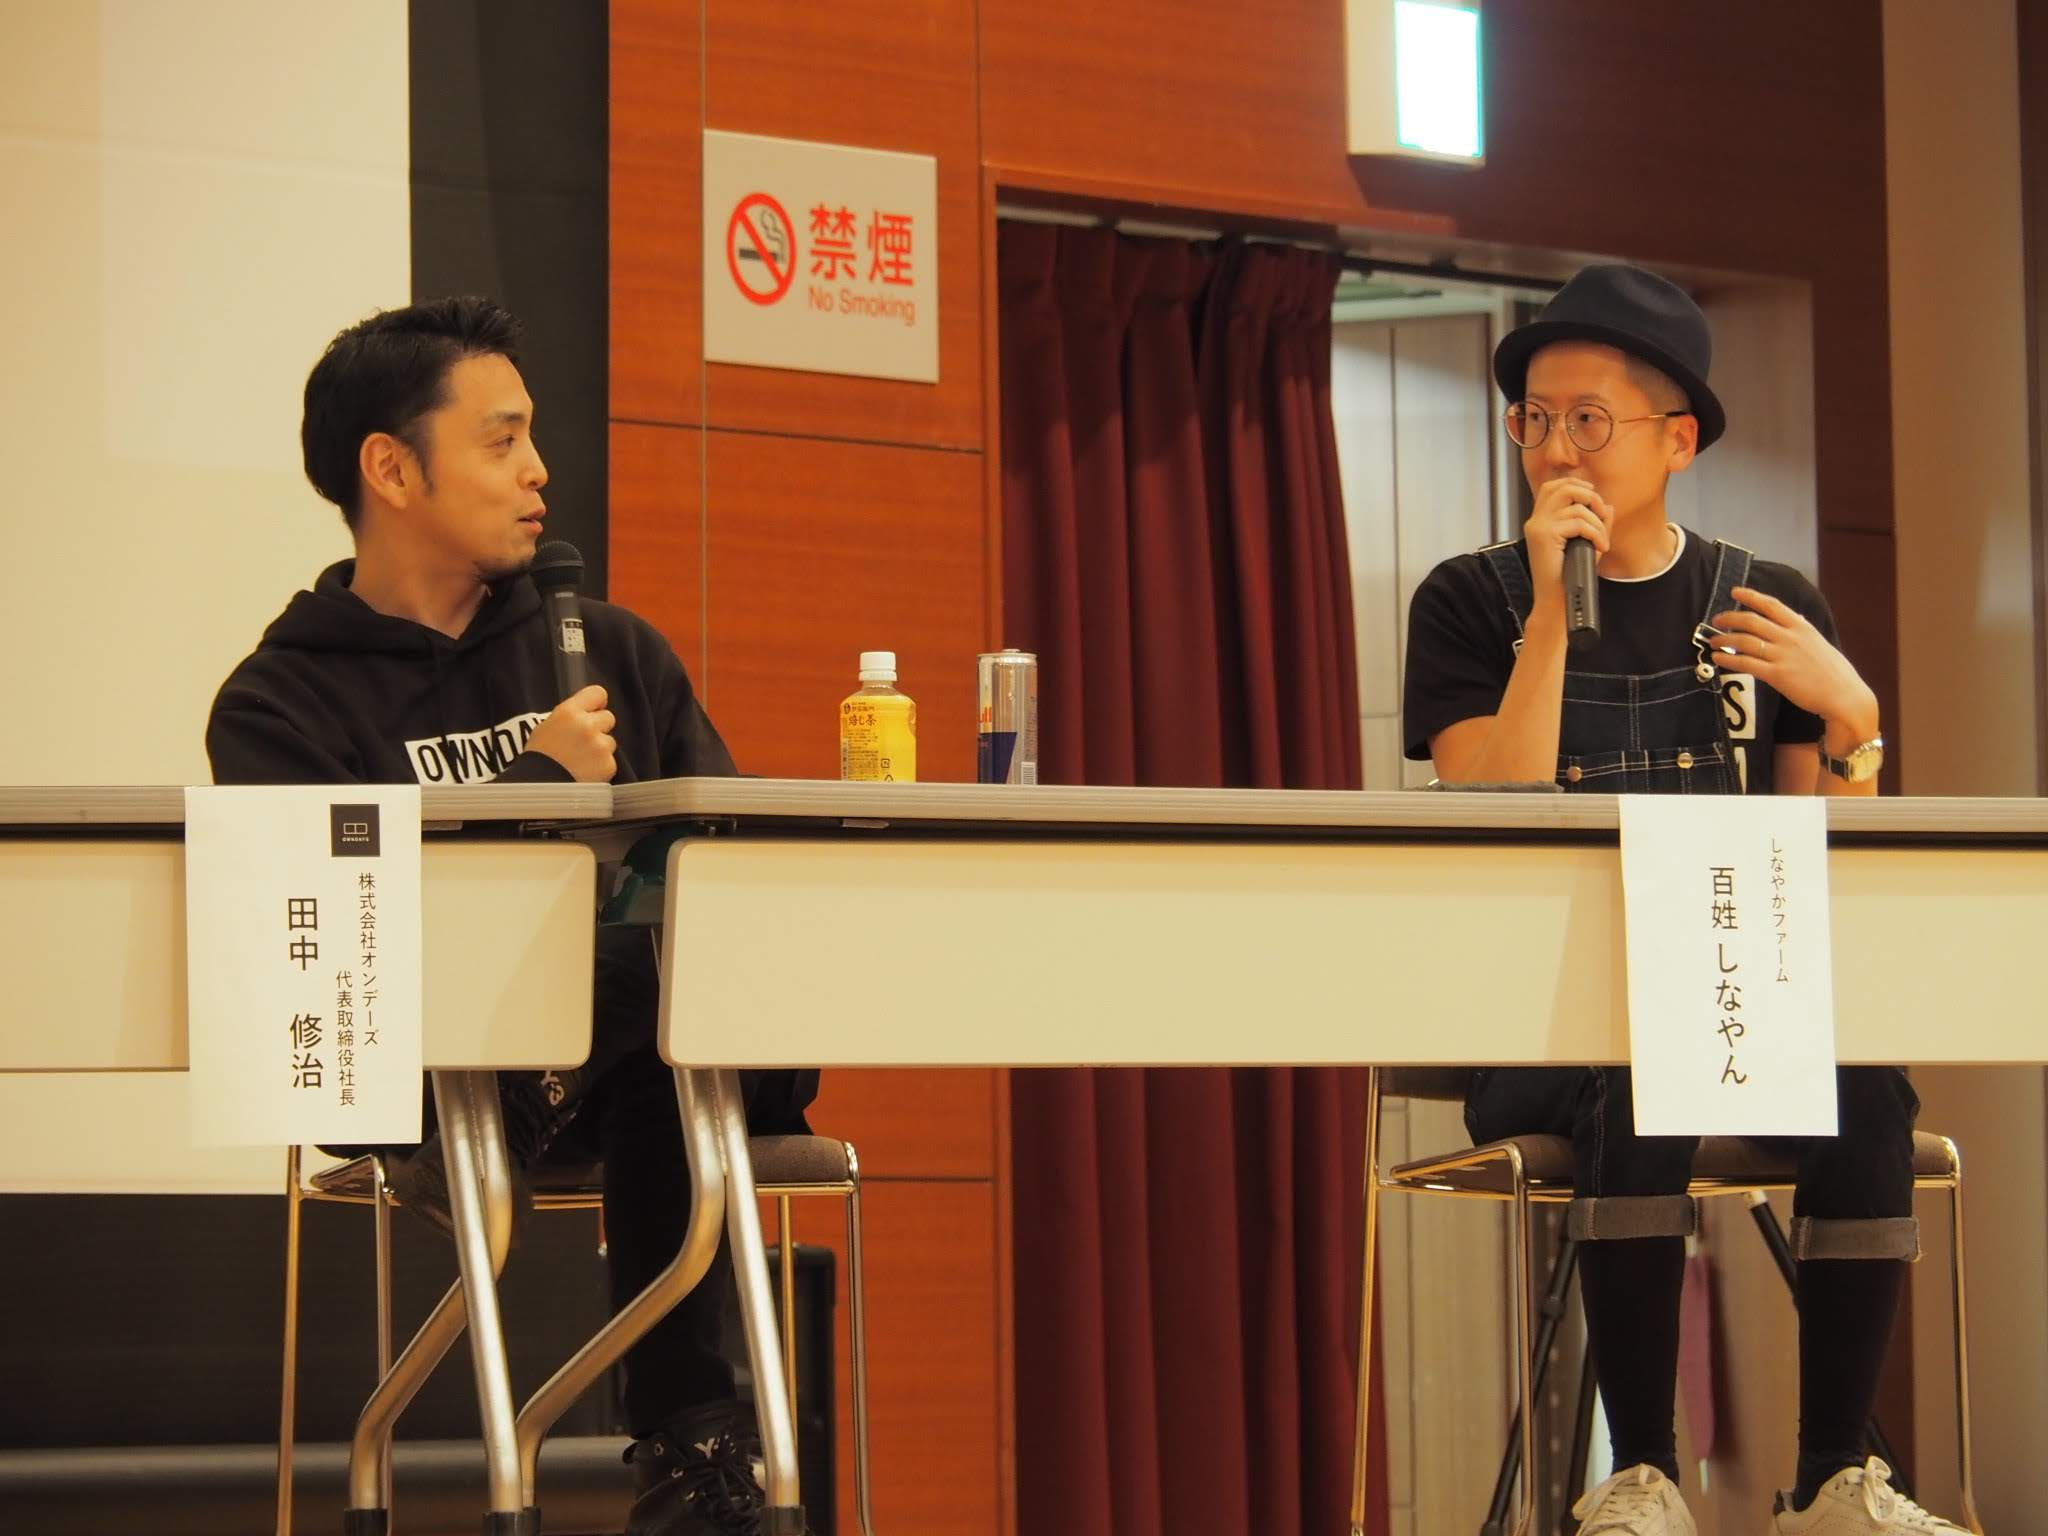 オンデーズ田中社長講演会に登壇しました|破天荒三重